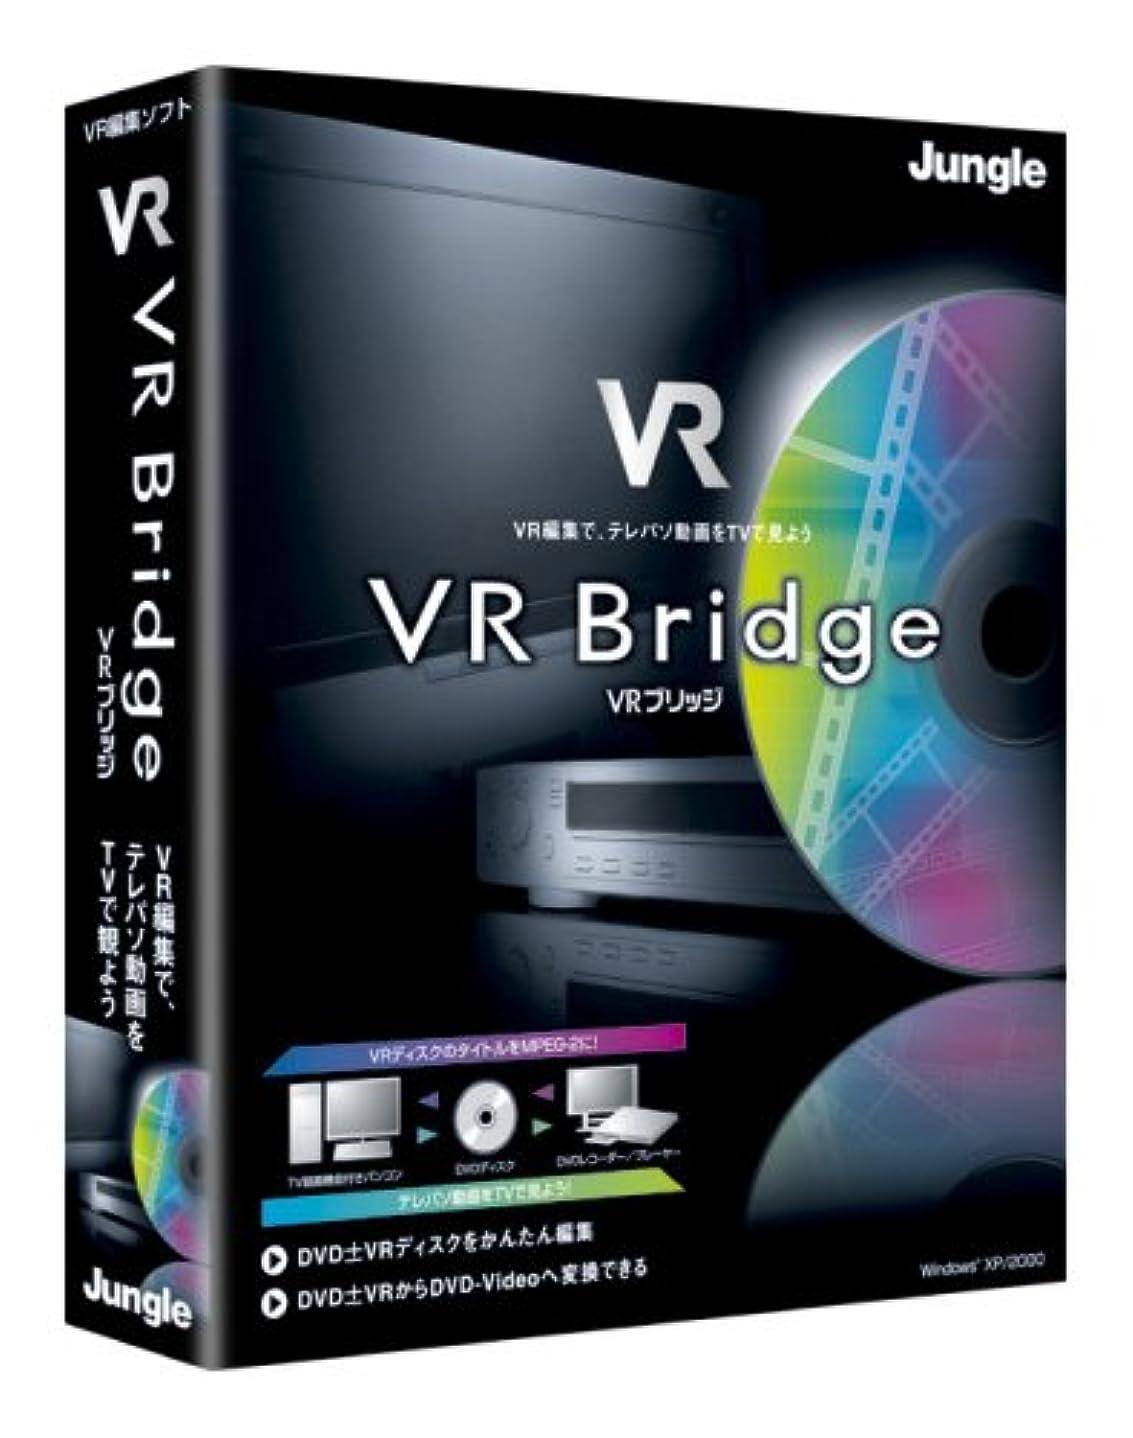 VR Bridge キャンペーン版